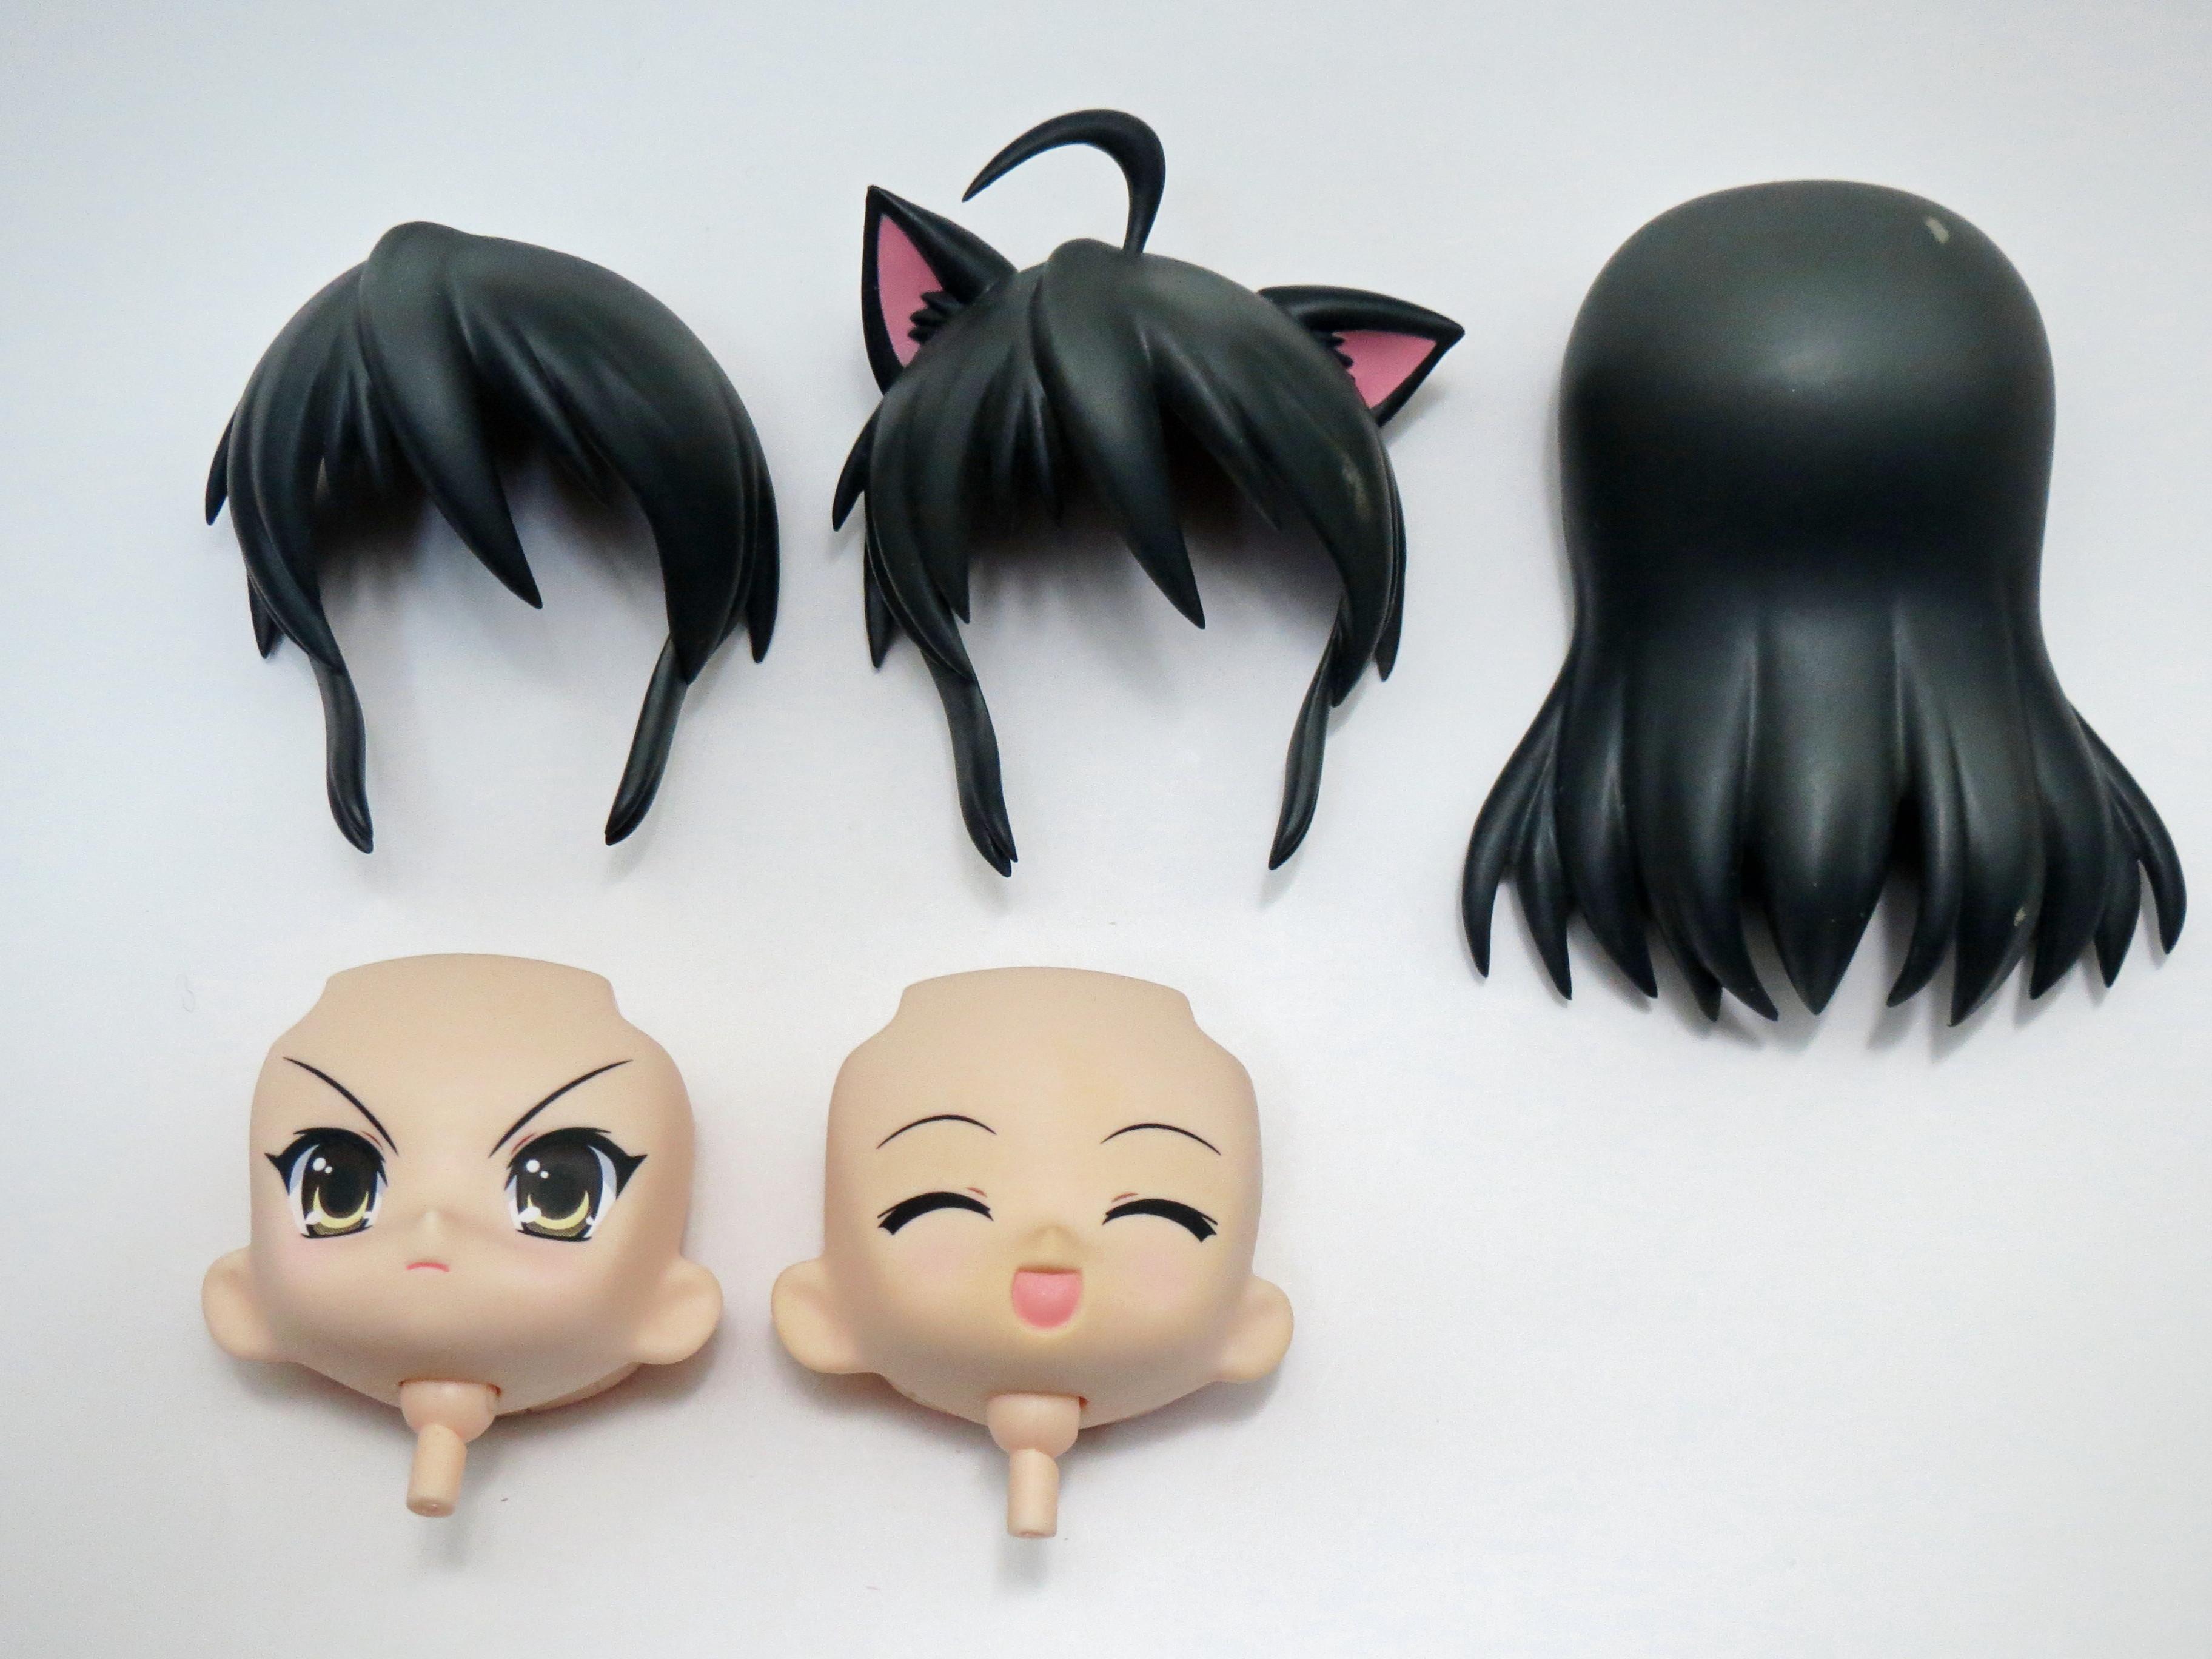 【047b】 シャナ 電撃大王Ver. 髪パーツ、顔パーツ2種セット (Cランク) ねんどろいど